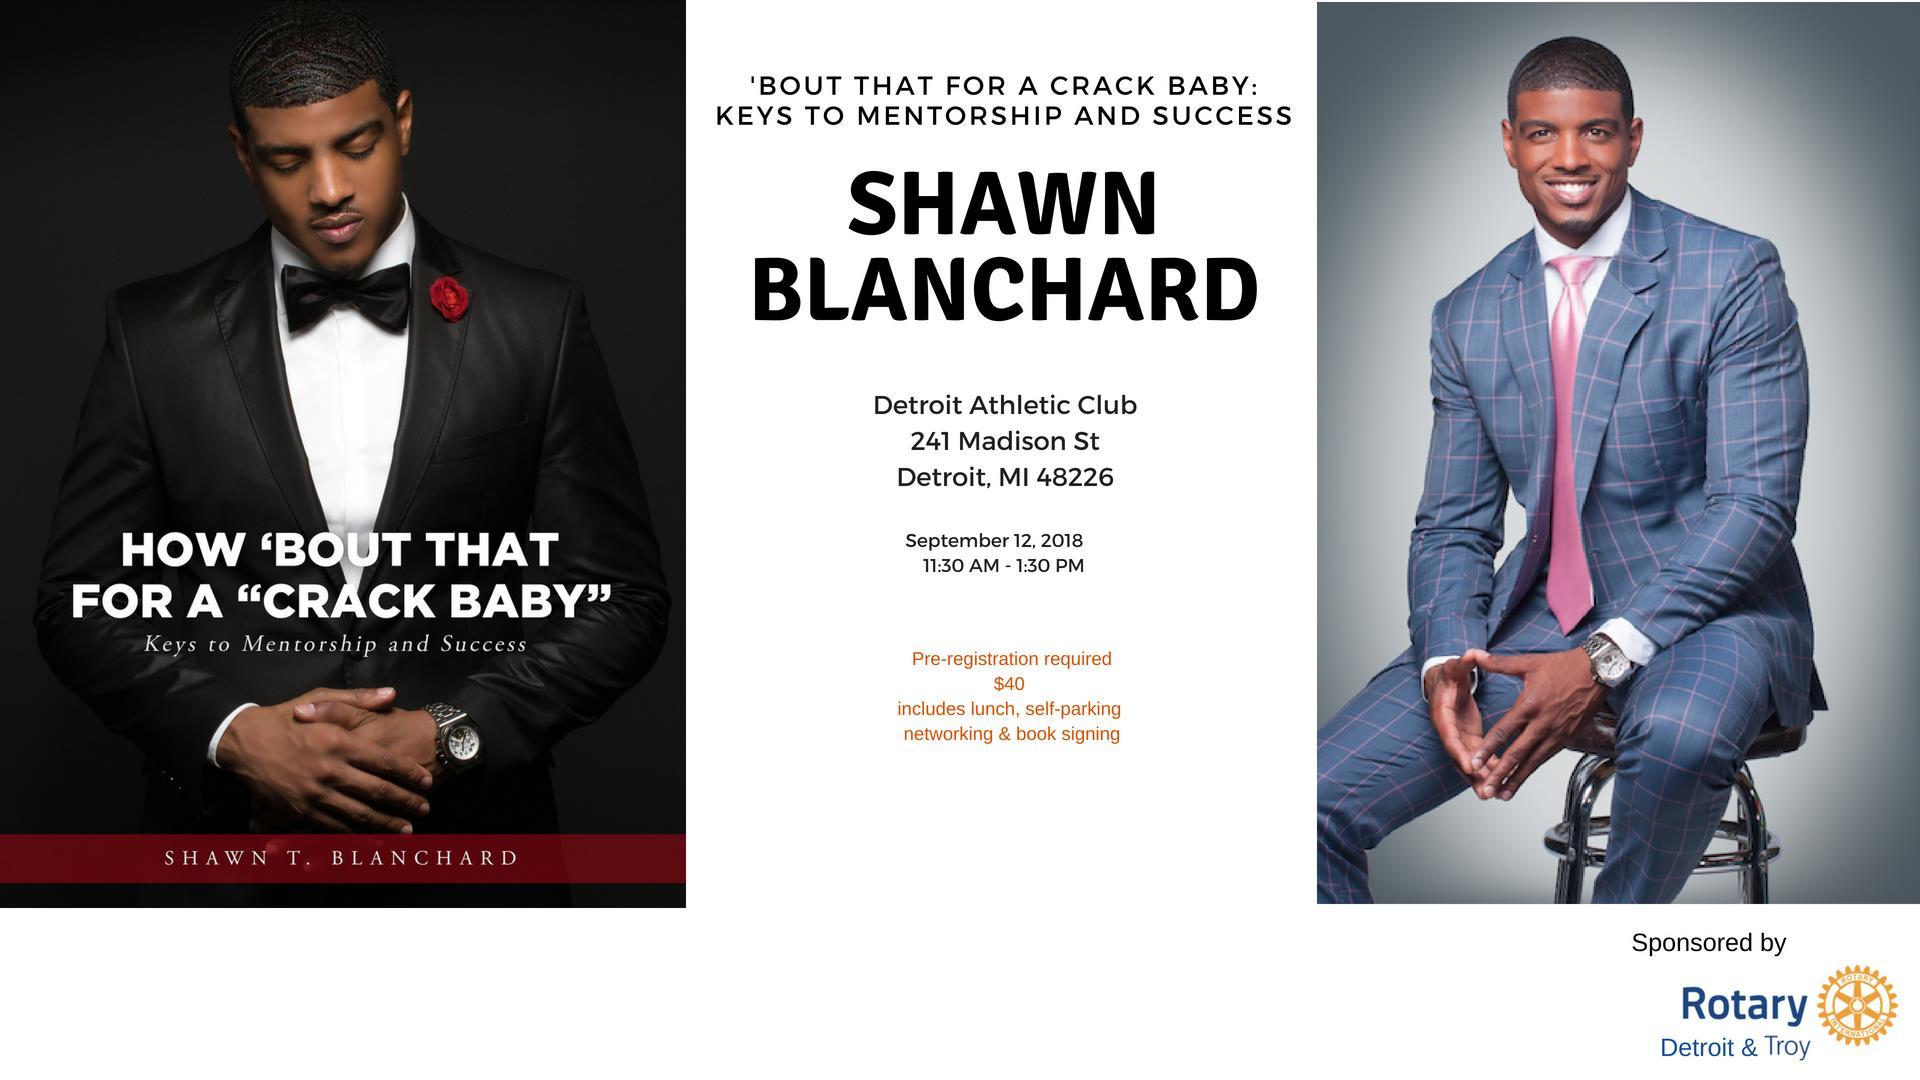 Shawn Blanchaard